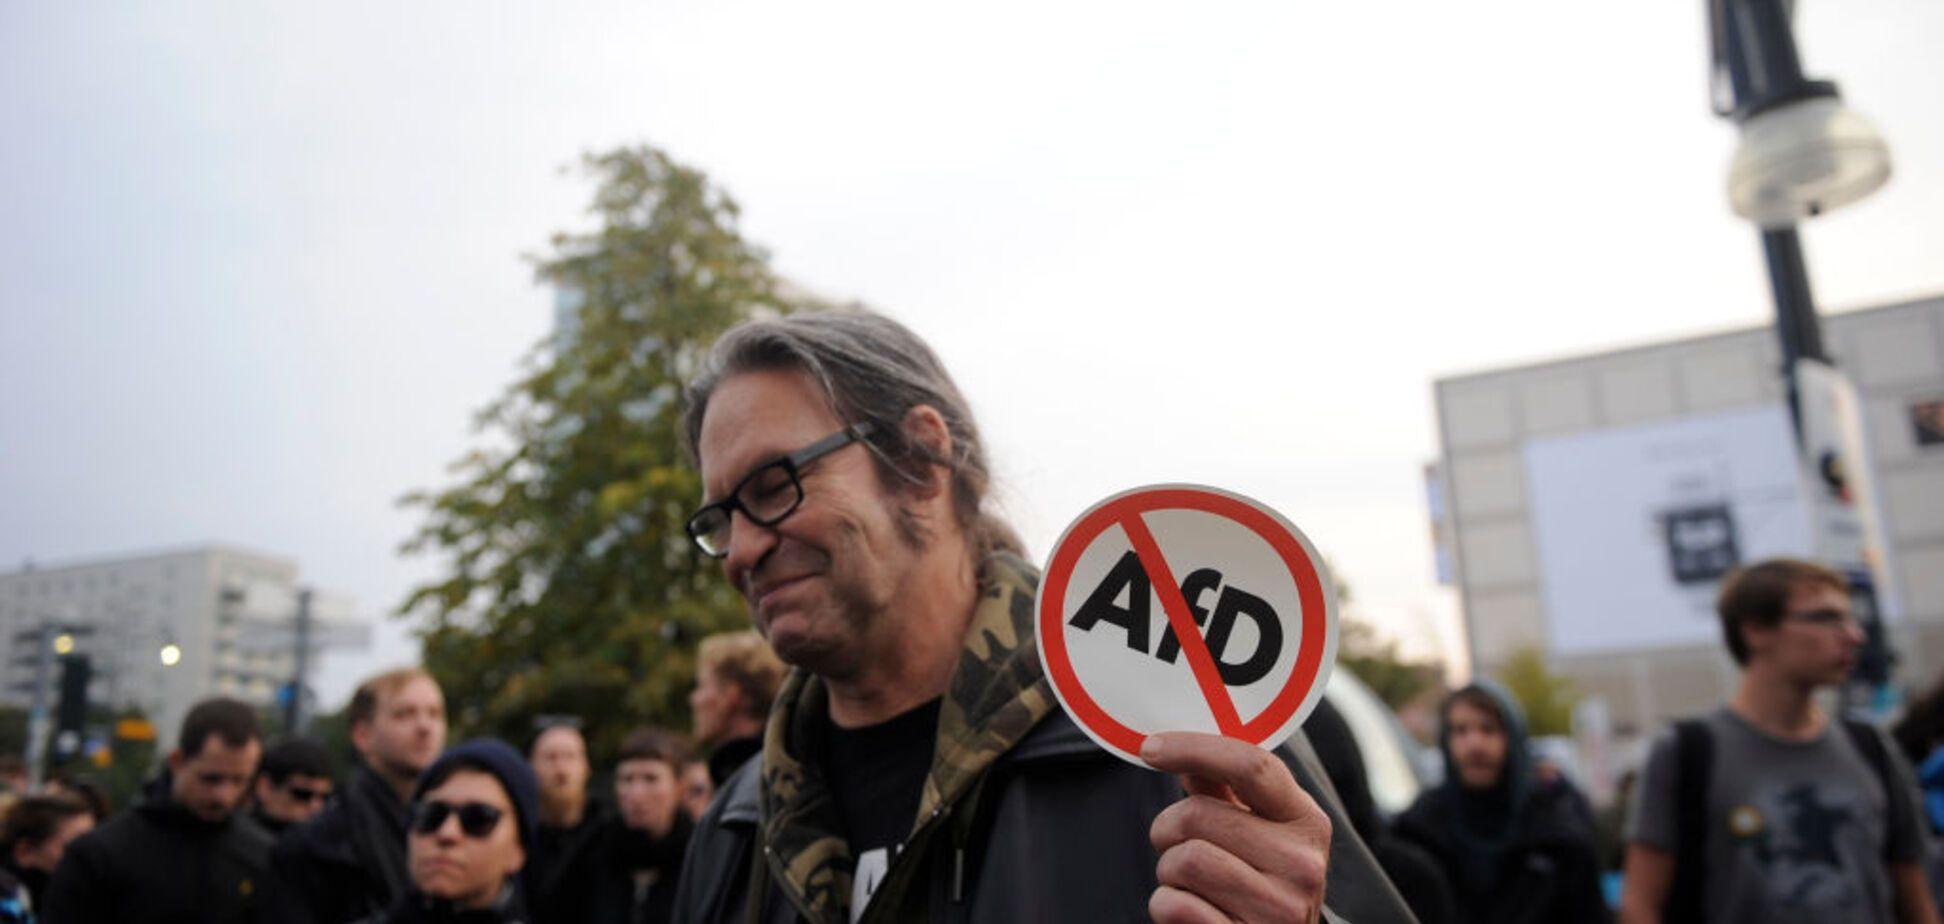 'Мігранти та збочення': ультраправі в Німеччині використовували російськомовну агітацію